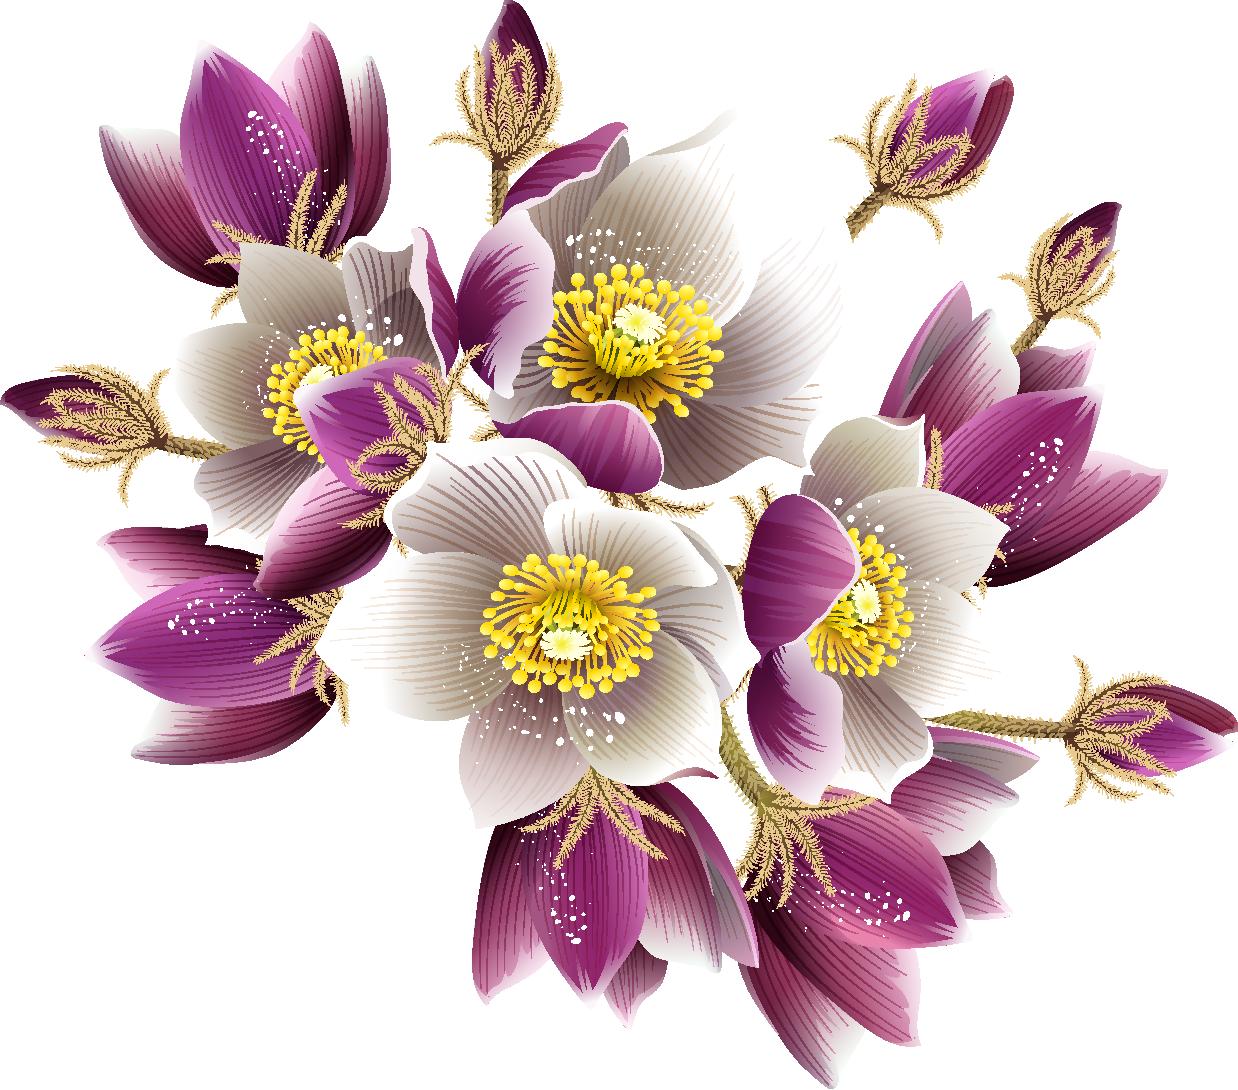 Рисованные картинки цветов